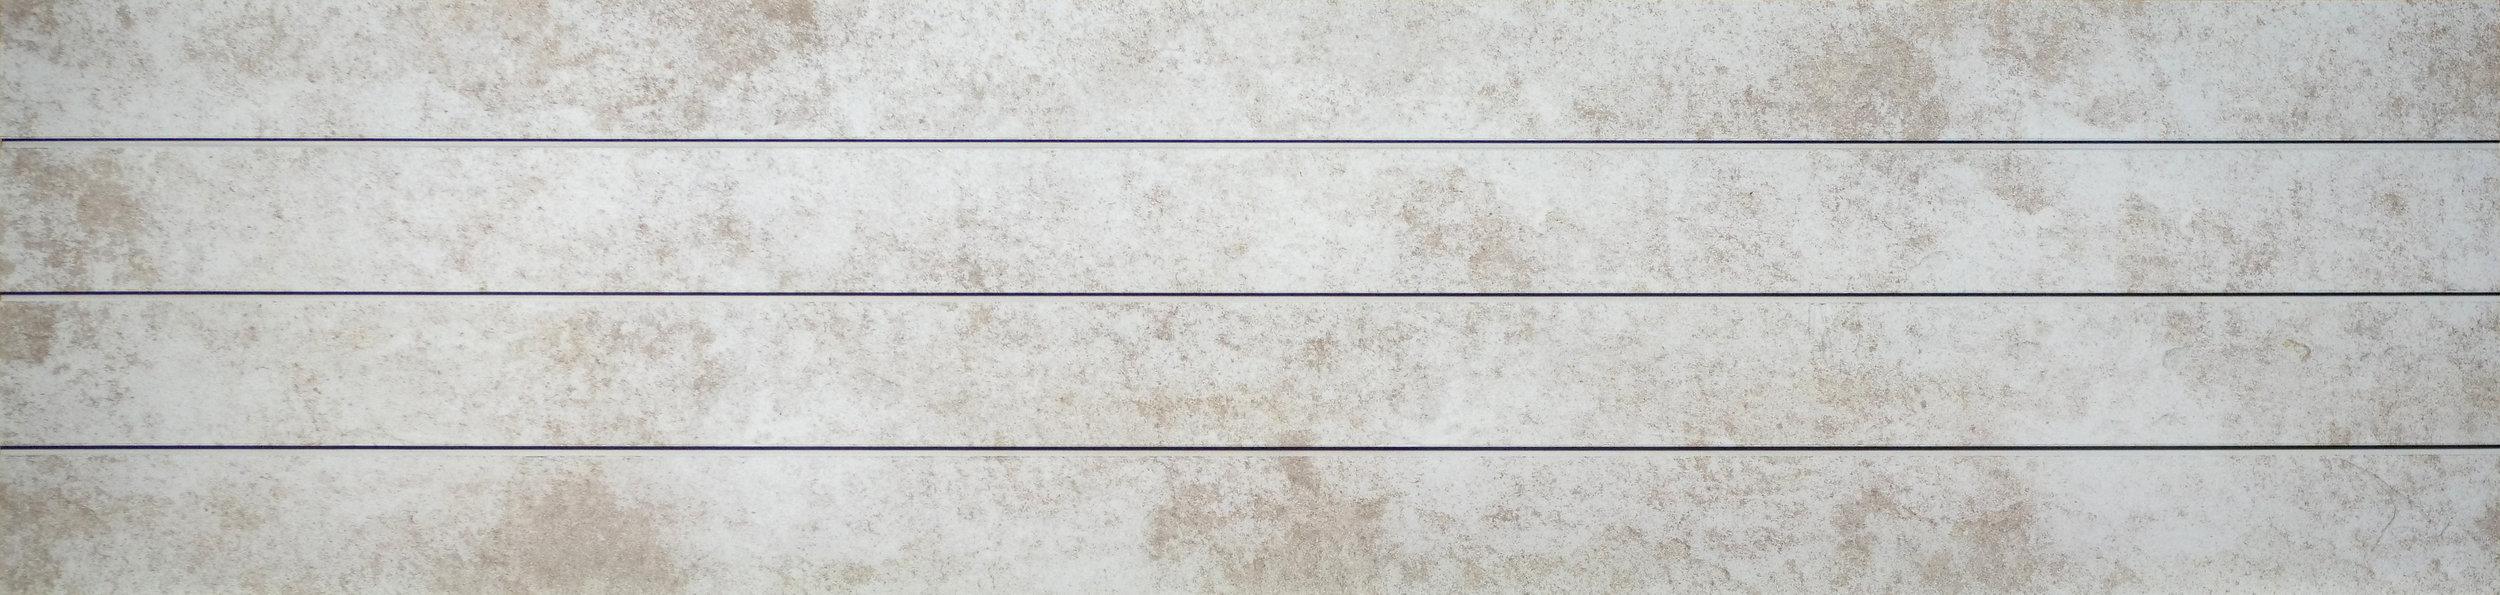 Cement bleached full panel.jpg